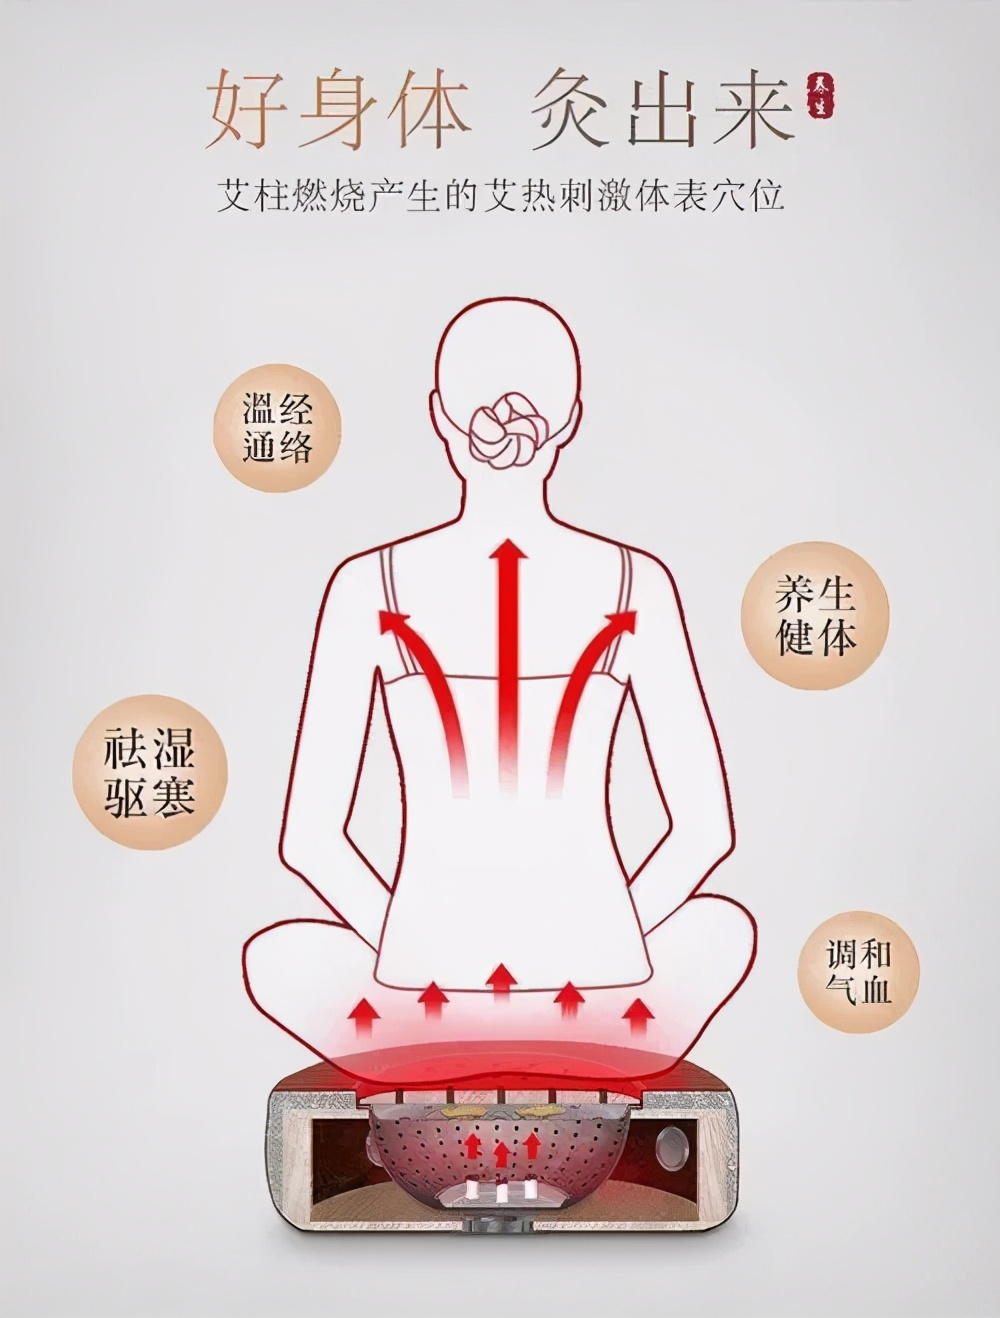 中醫養生:腰胯疼痛,腰腿痛,坐骨神經痛,膝踝腫痛就灸它